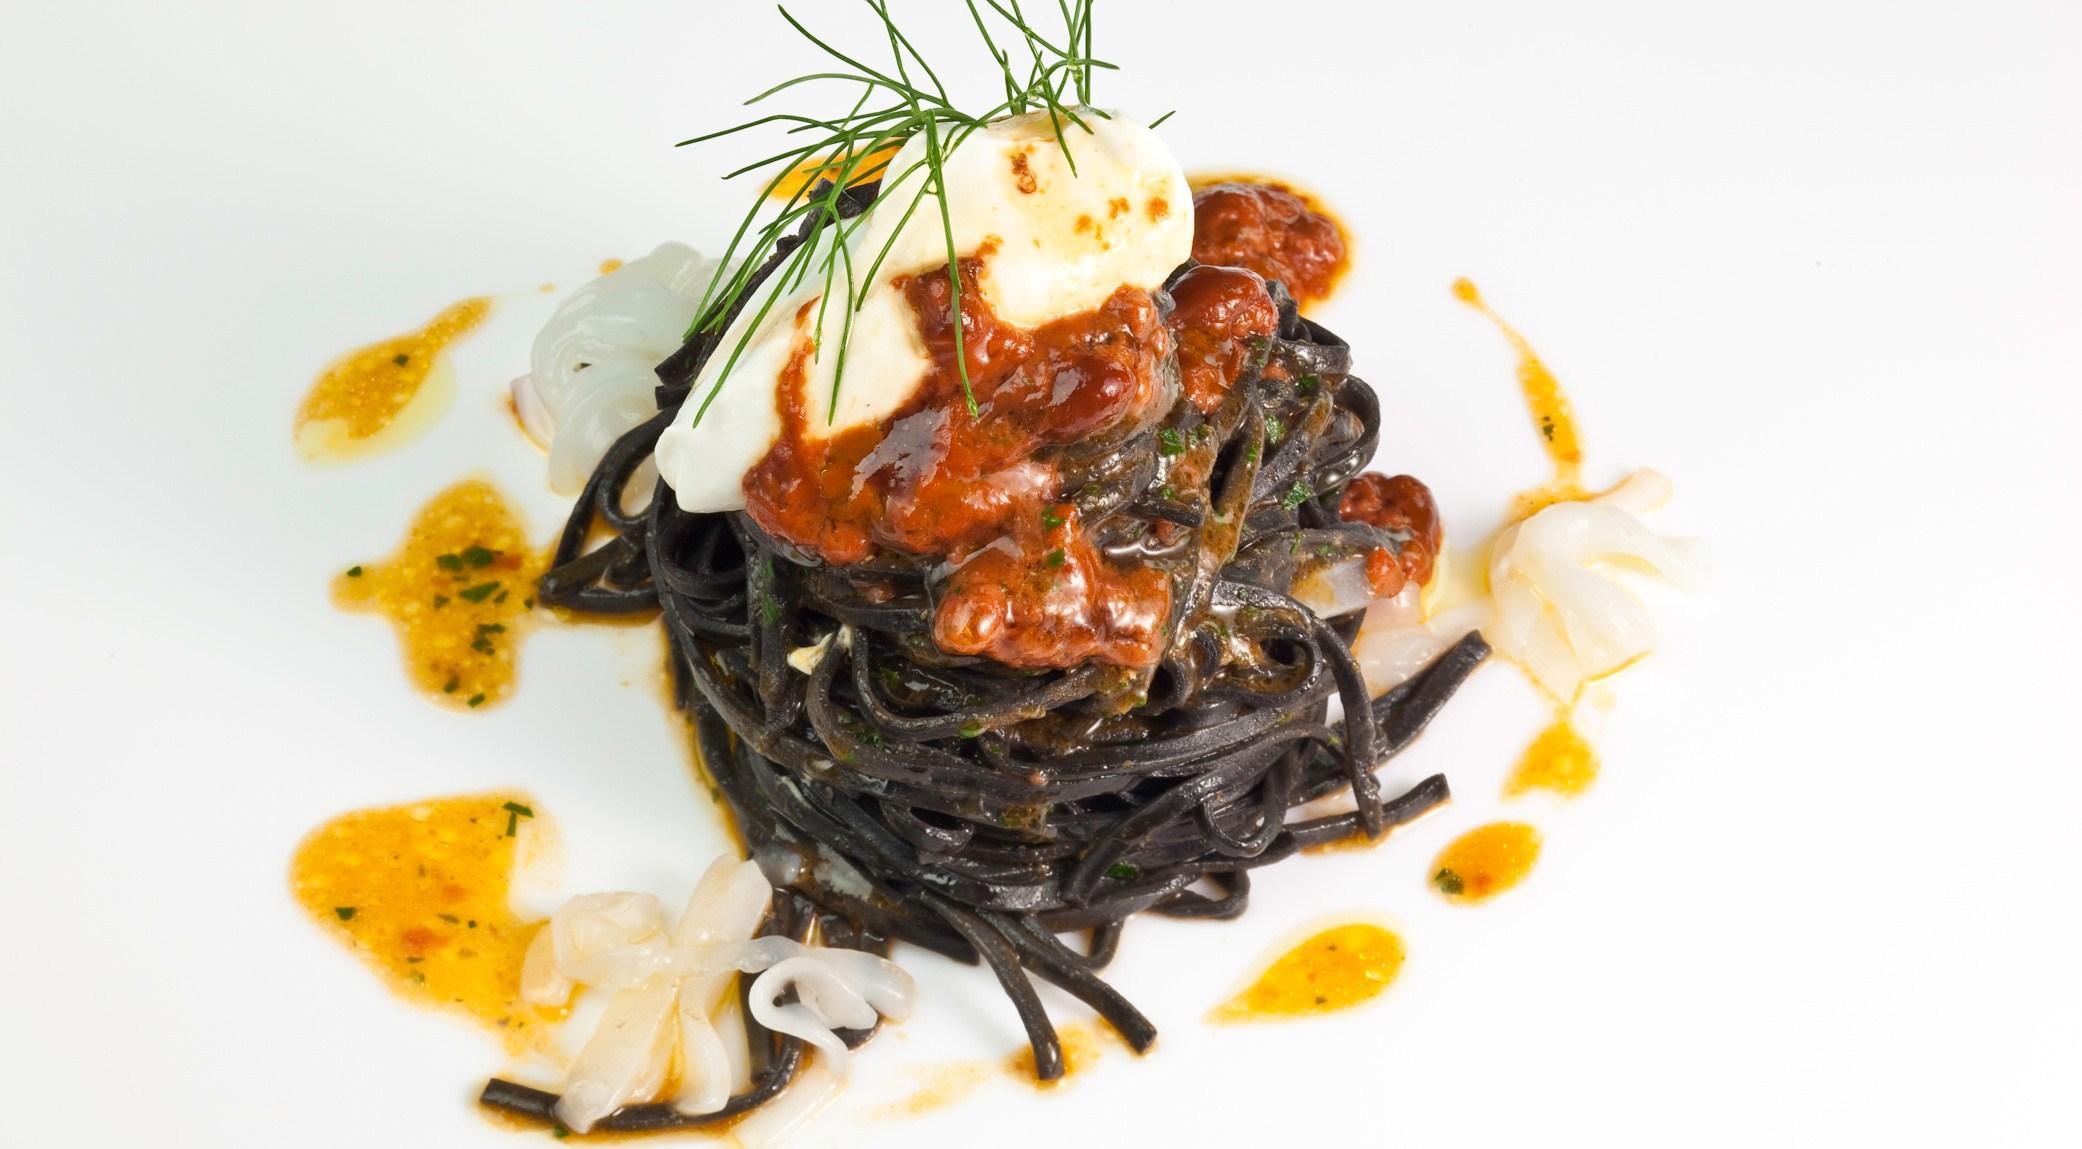 vincenzo-candiano-spaghetti-al-nero-di-seppia